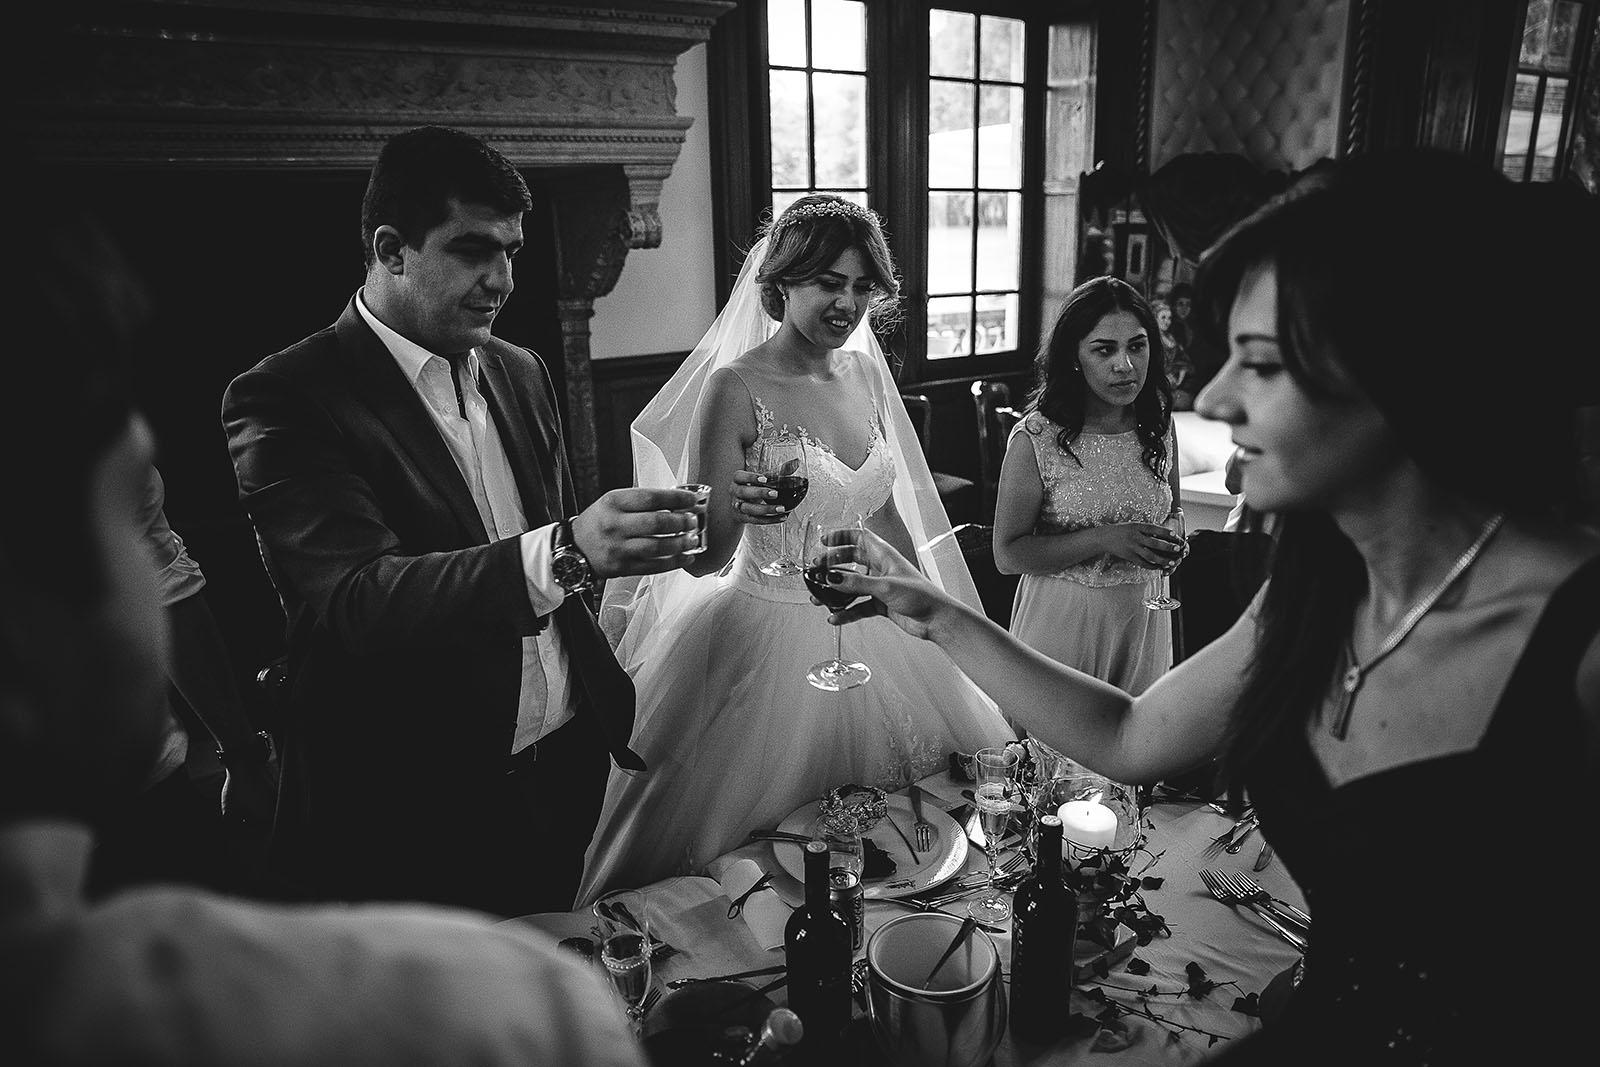 Mariage au Château de Beguin David Pommier photographe de mariage. Les mariés lèvent leur verre